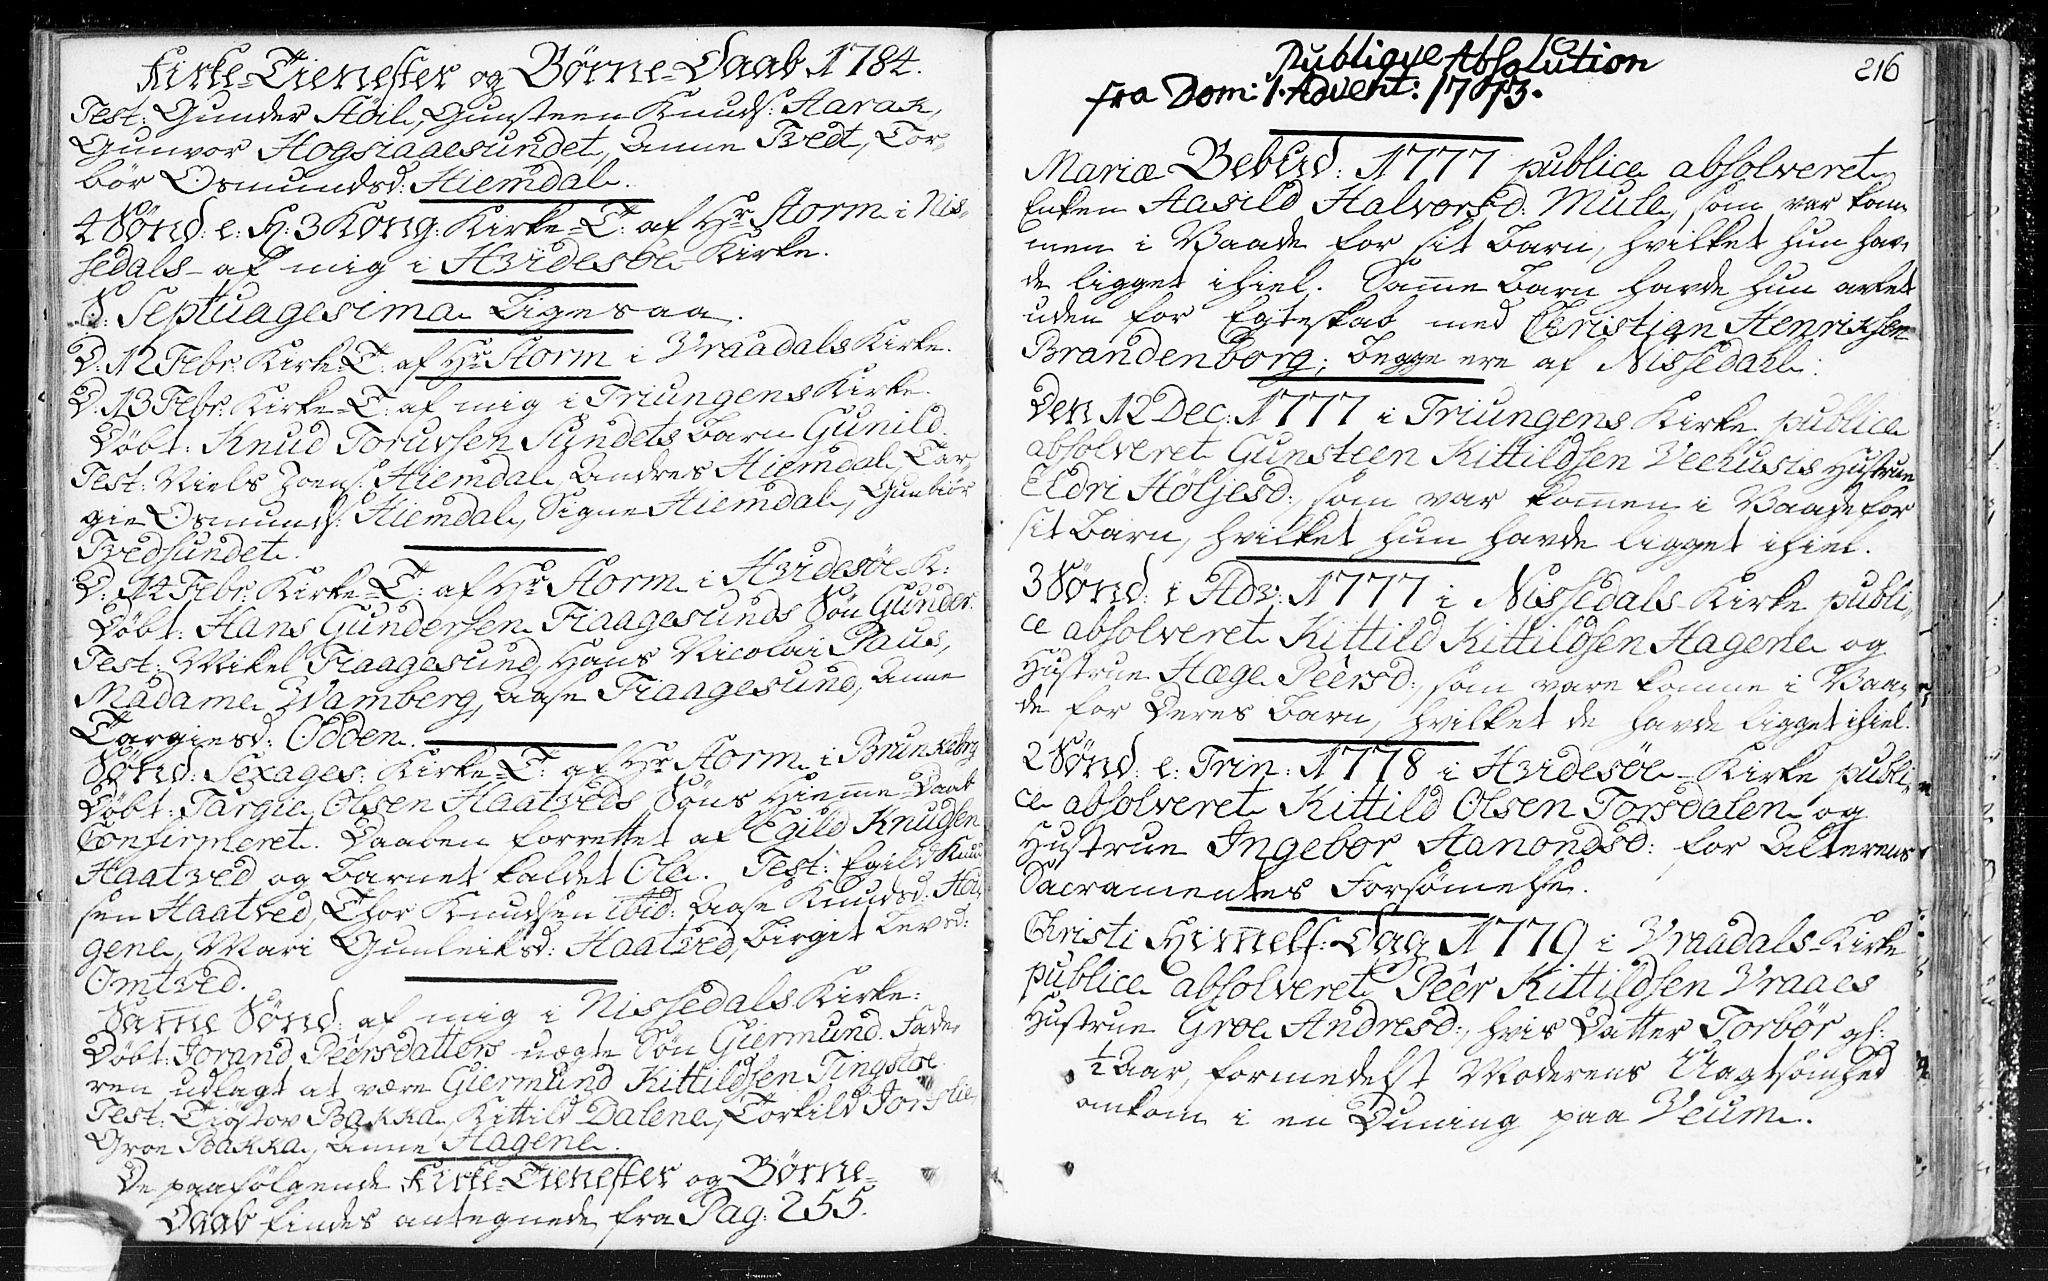 SAKO, Kviteseid kirkebøker, F/Fa/L0002: Ministerialbok nr. I 2, 1773-1786, s. 216